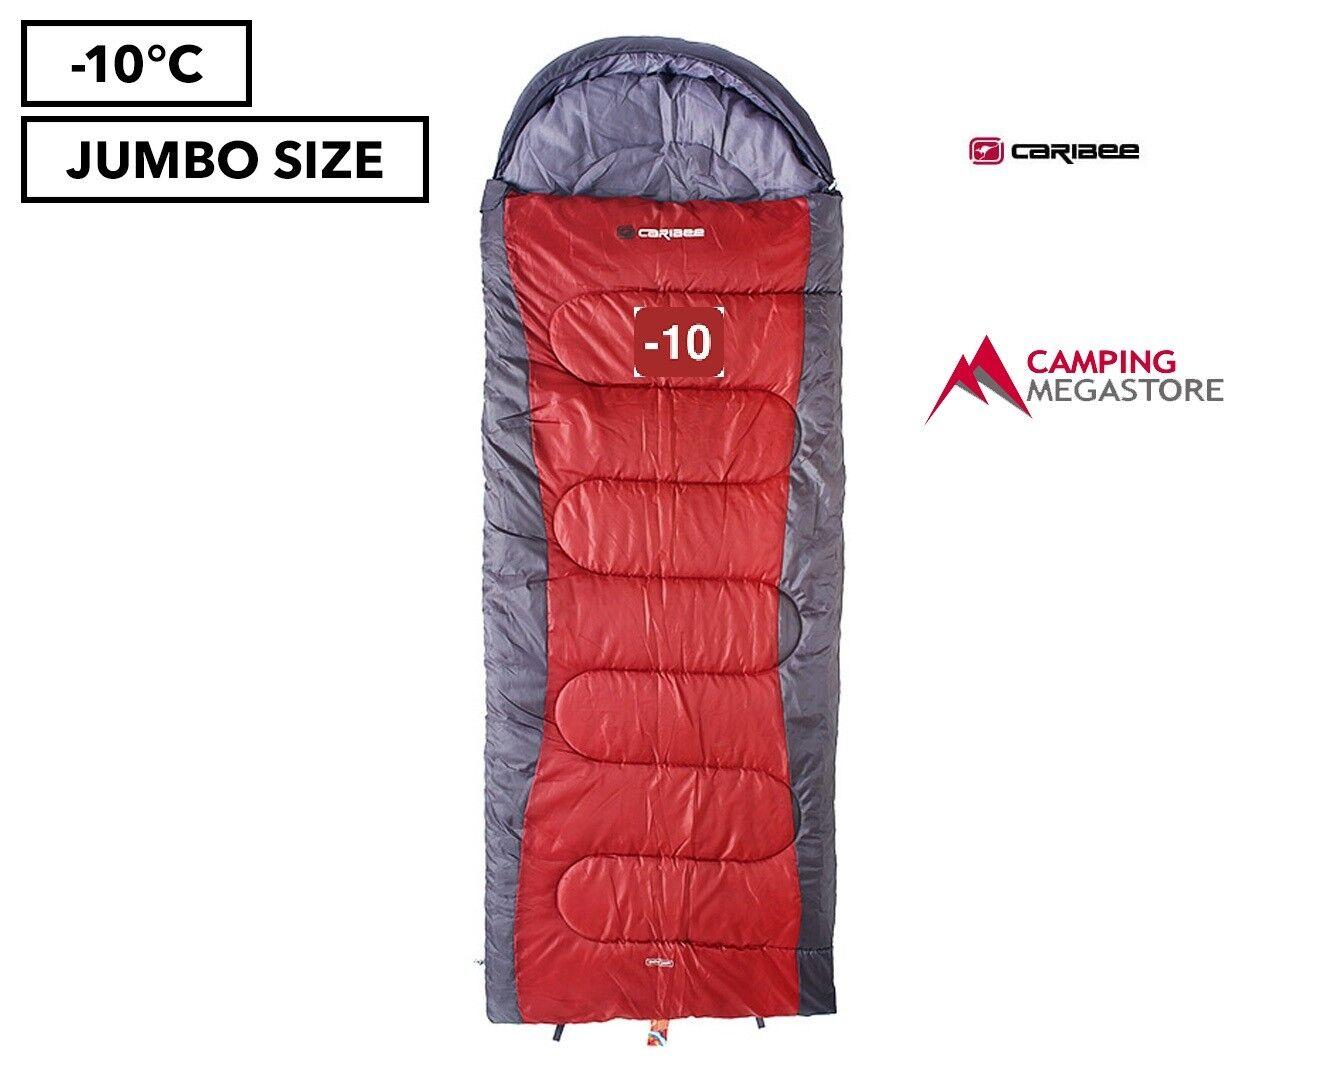 CARIBEE SNOWDRIFT JUMBO 10 DEGREES SLEEPING BAG